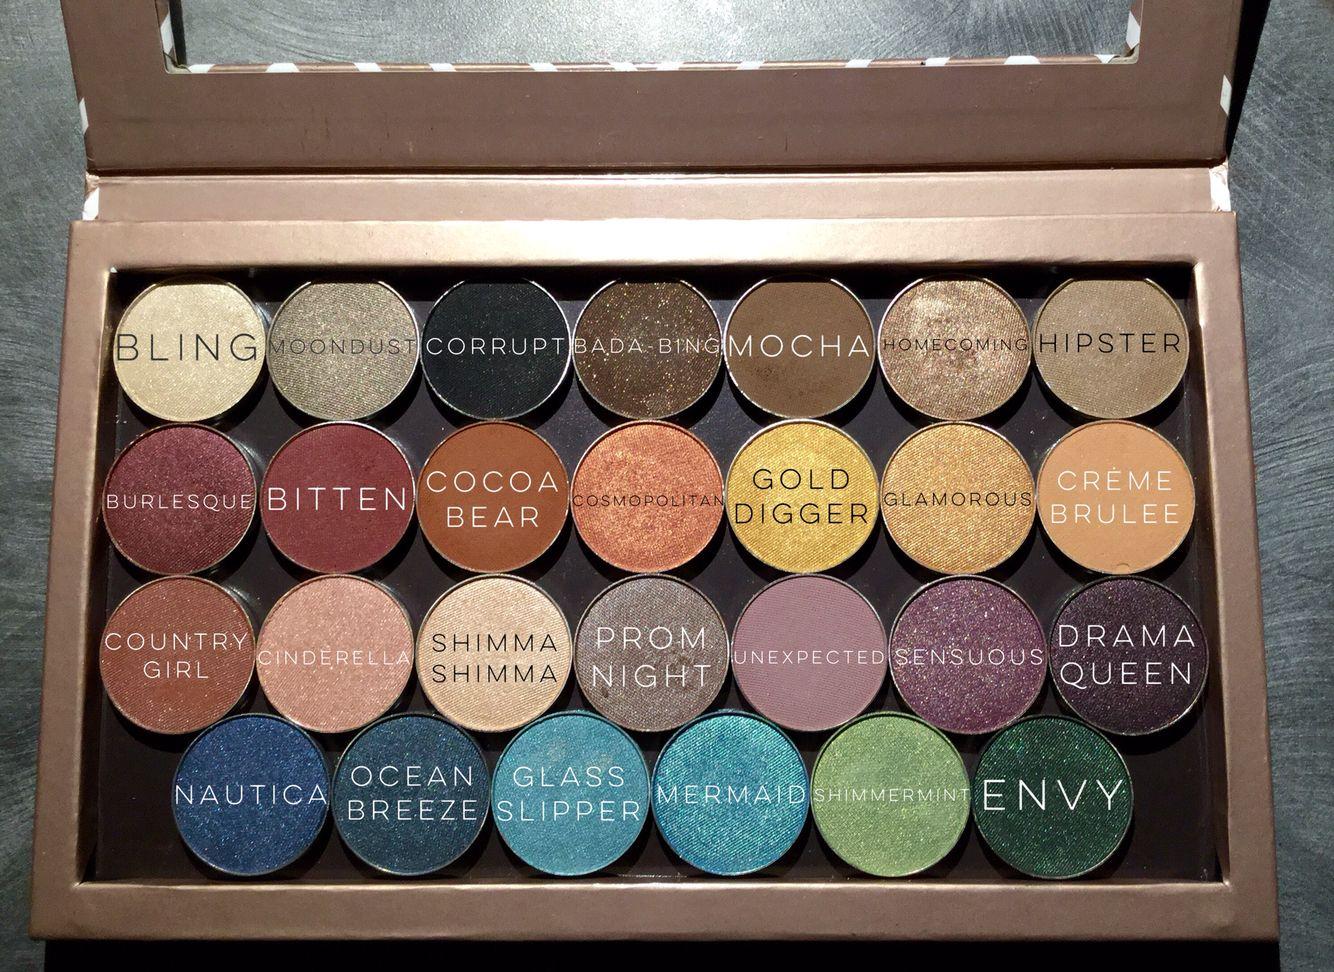 Makeup Geek Cosmetics Eyeshadow Singles In Z Palette Makeup Geek Cosmetics Makeup Geek Makeup